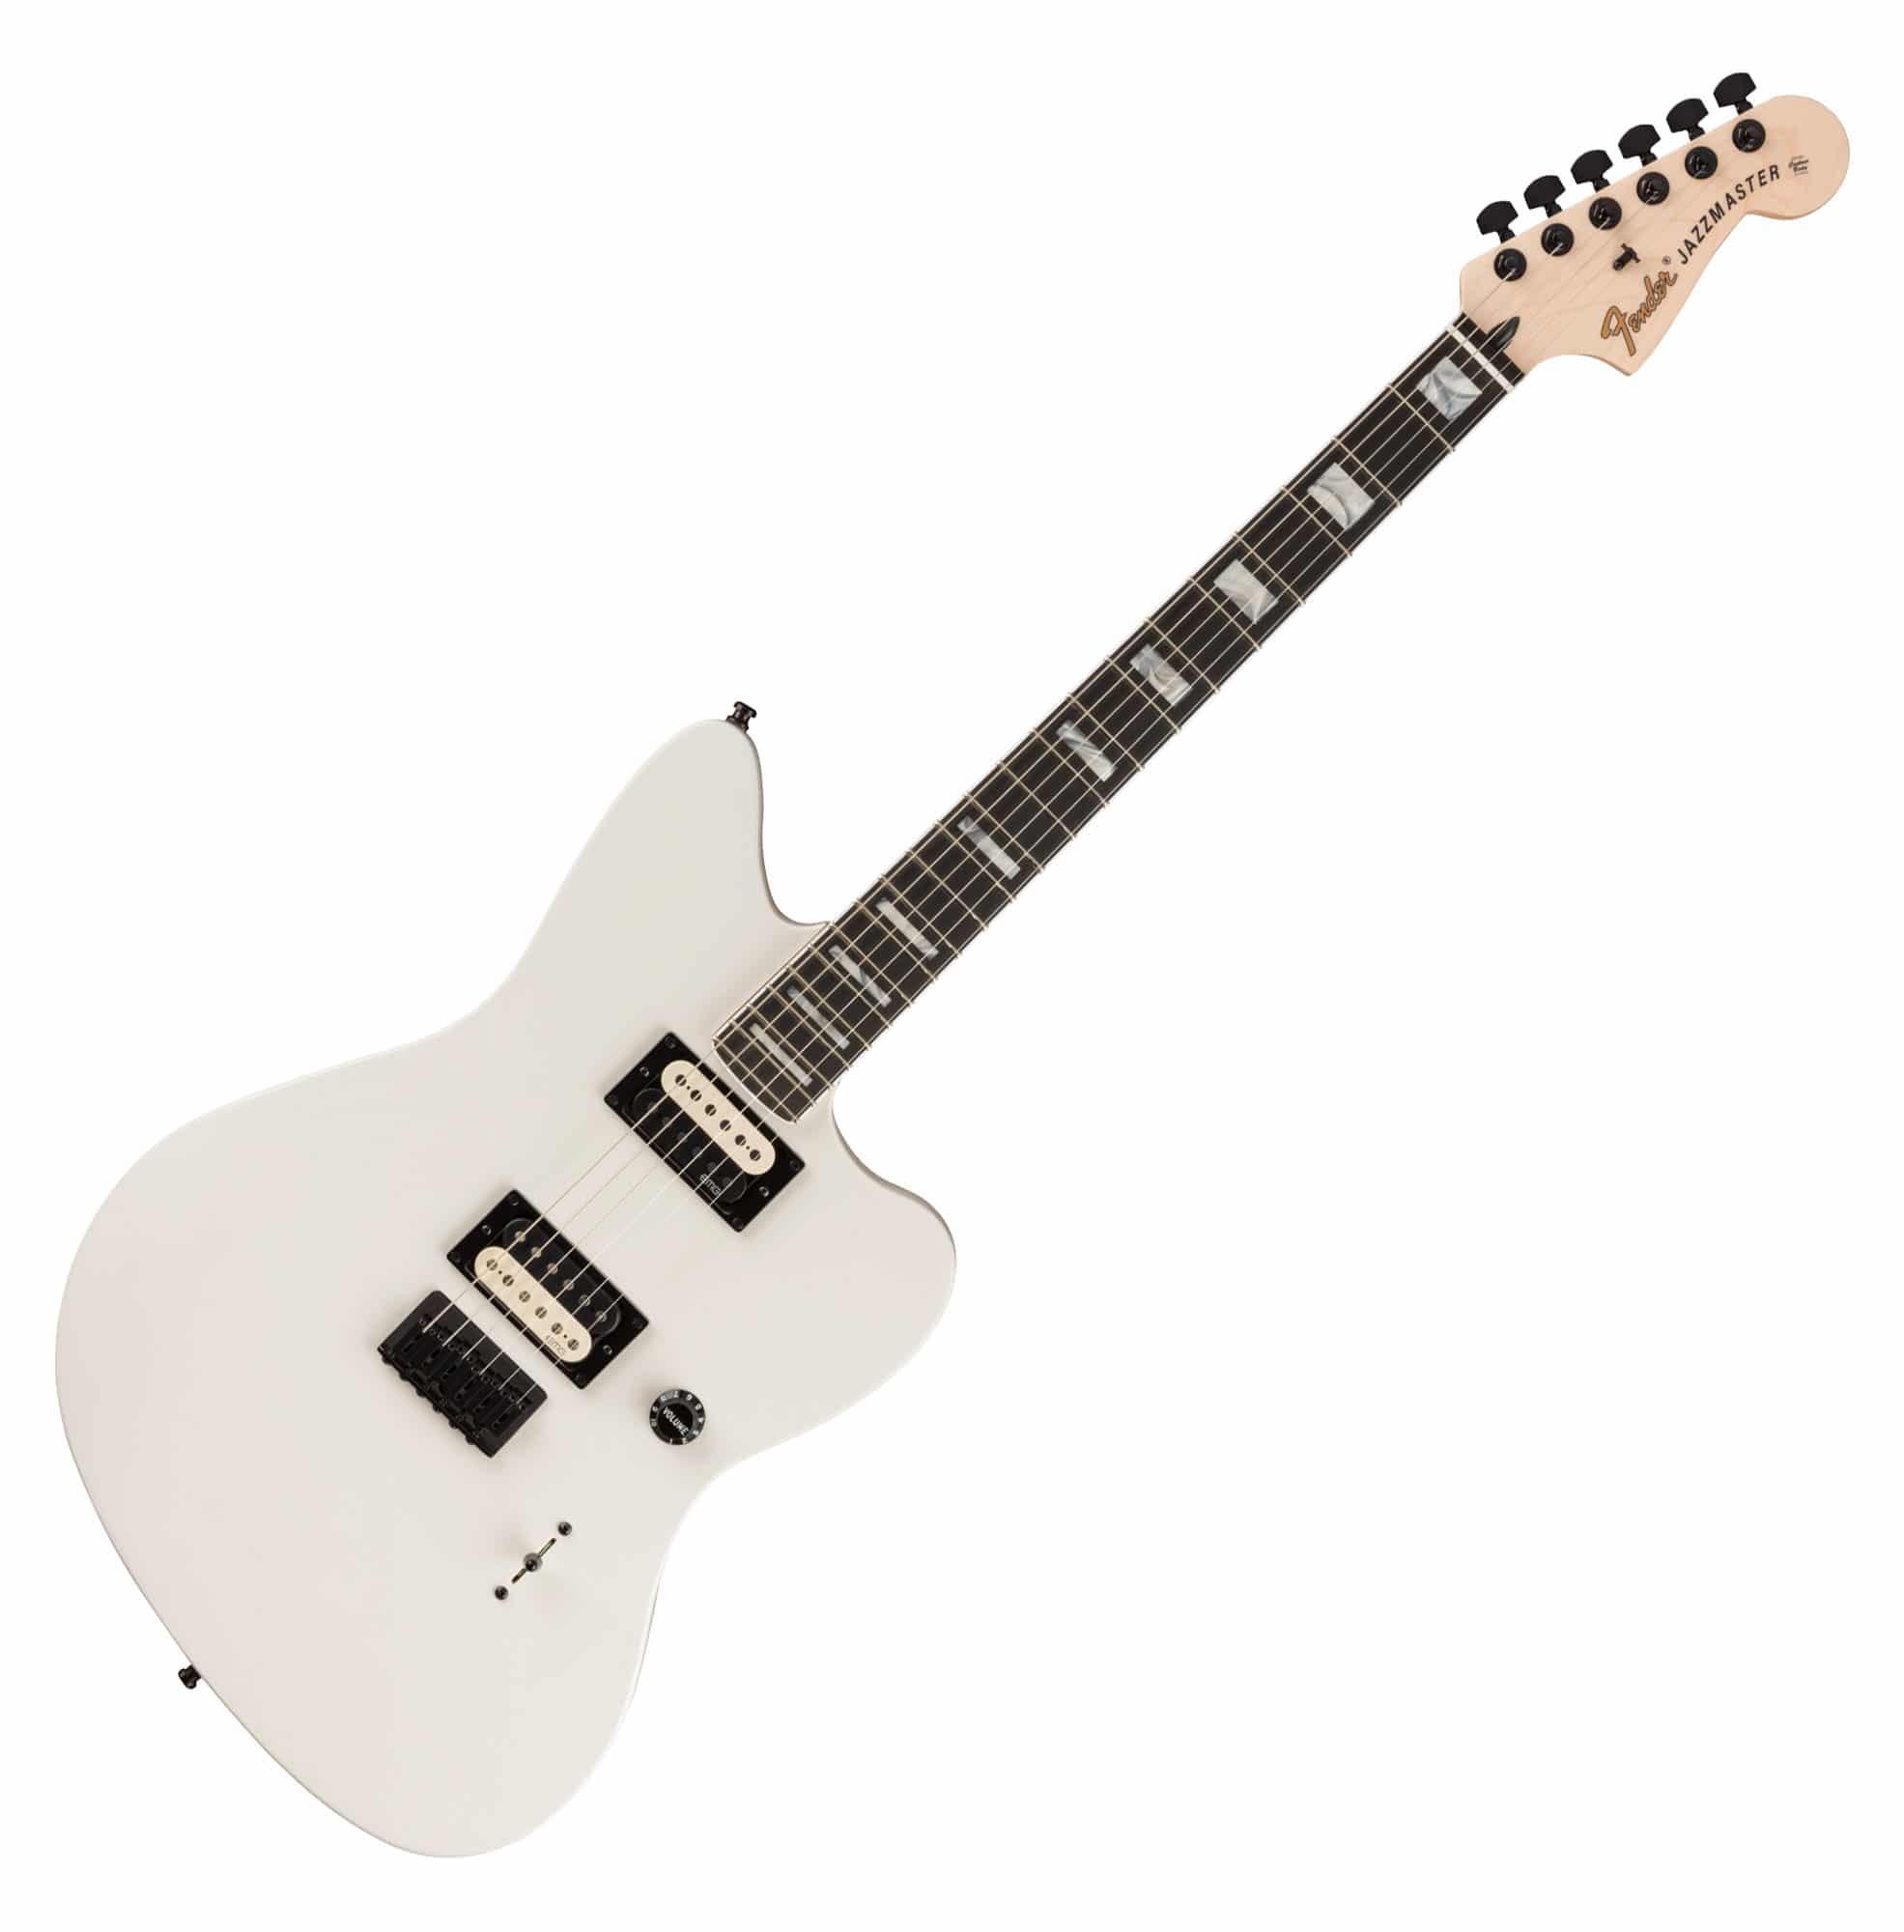 Egitarren - Fender Jim Root Jazzmaster EBY WHT - Onlineshop Musikhaus Kirstein